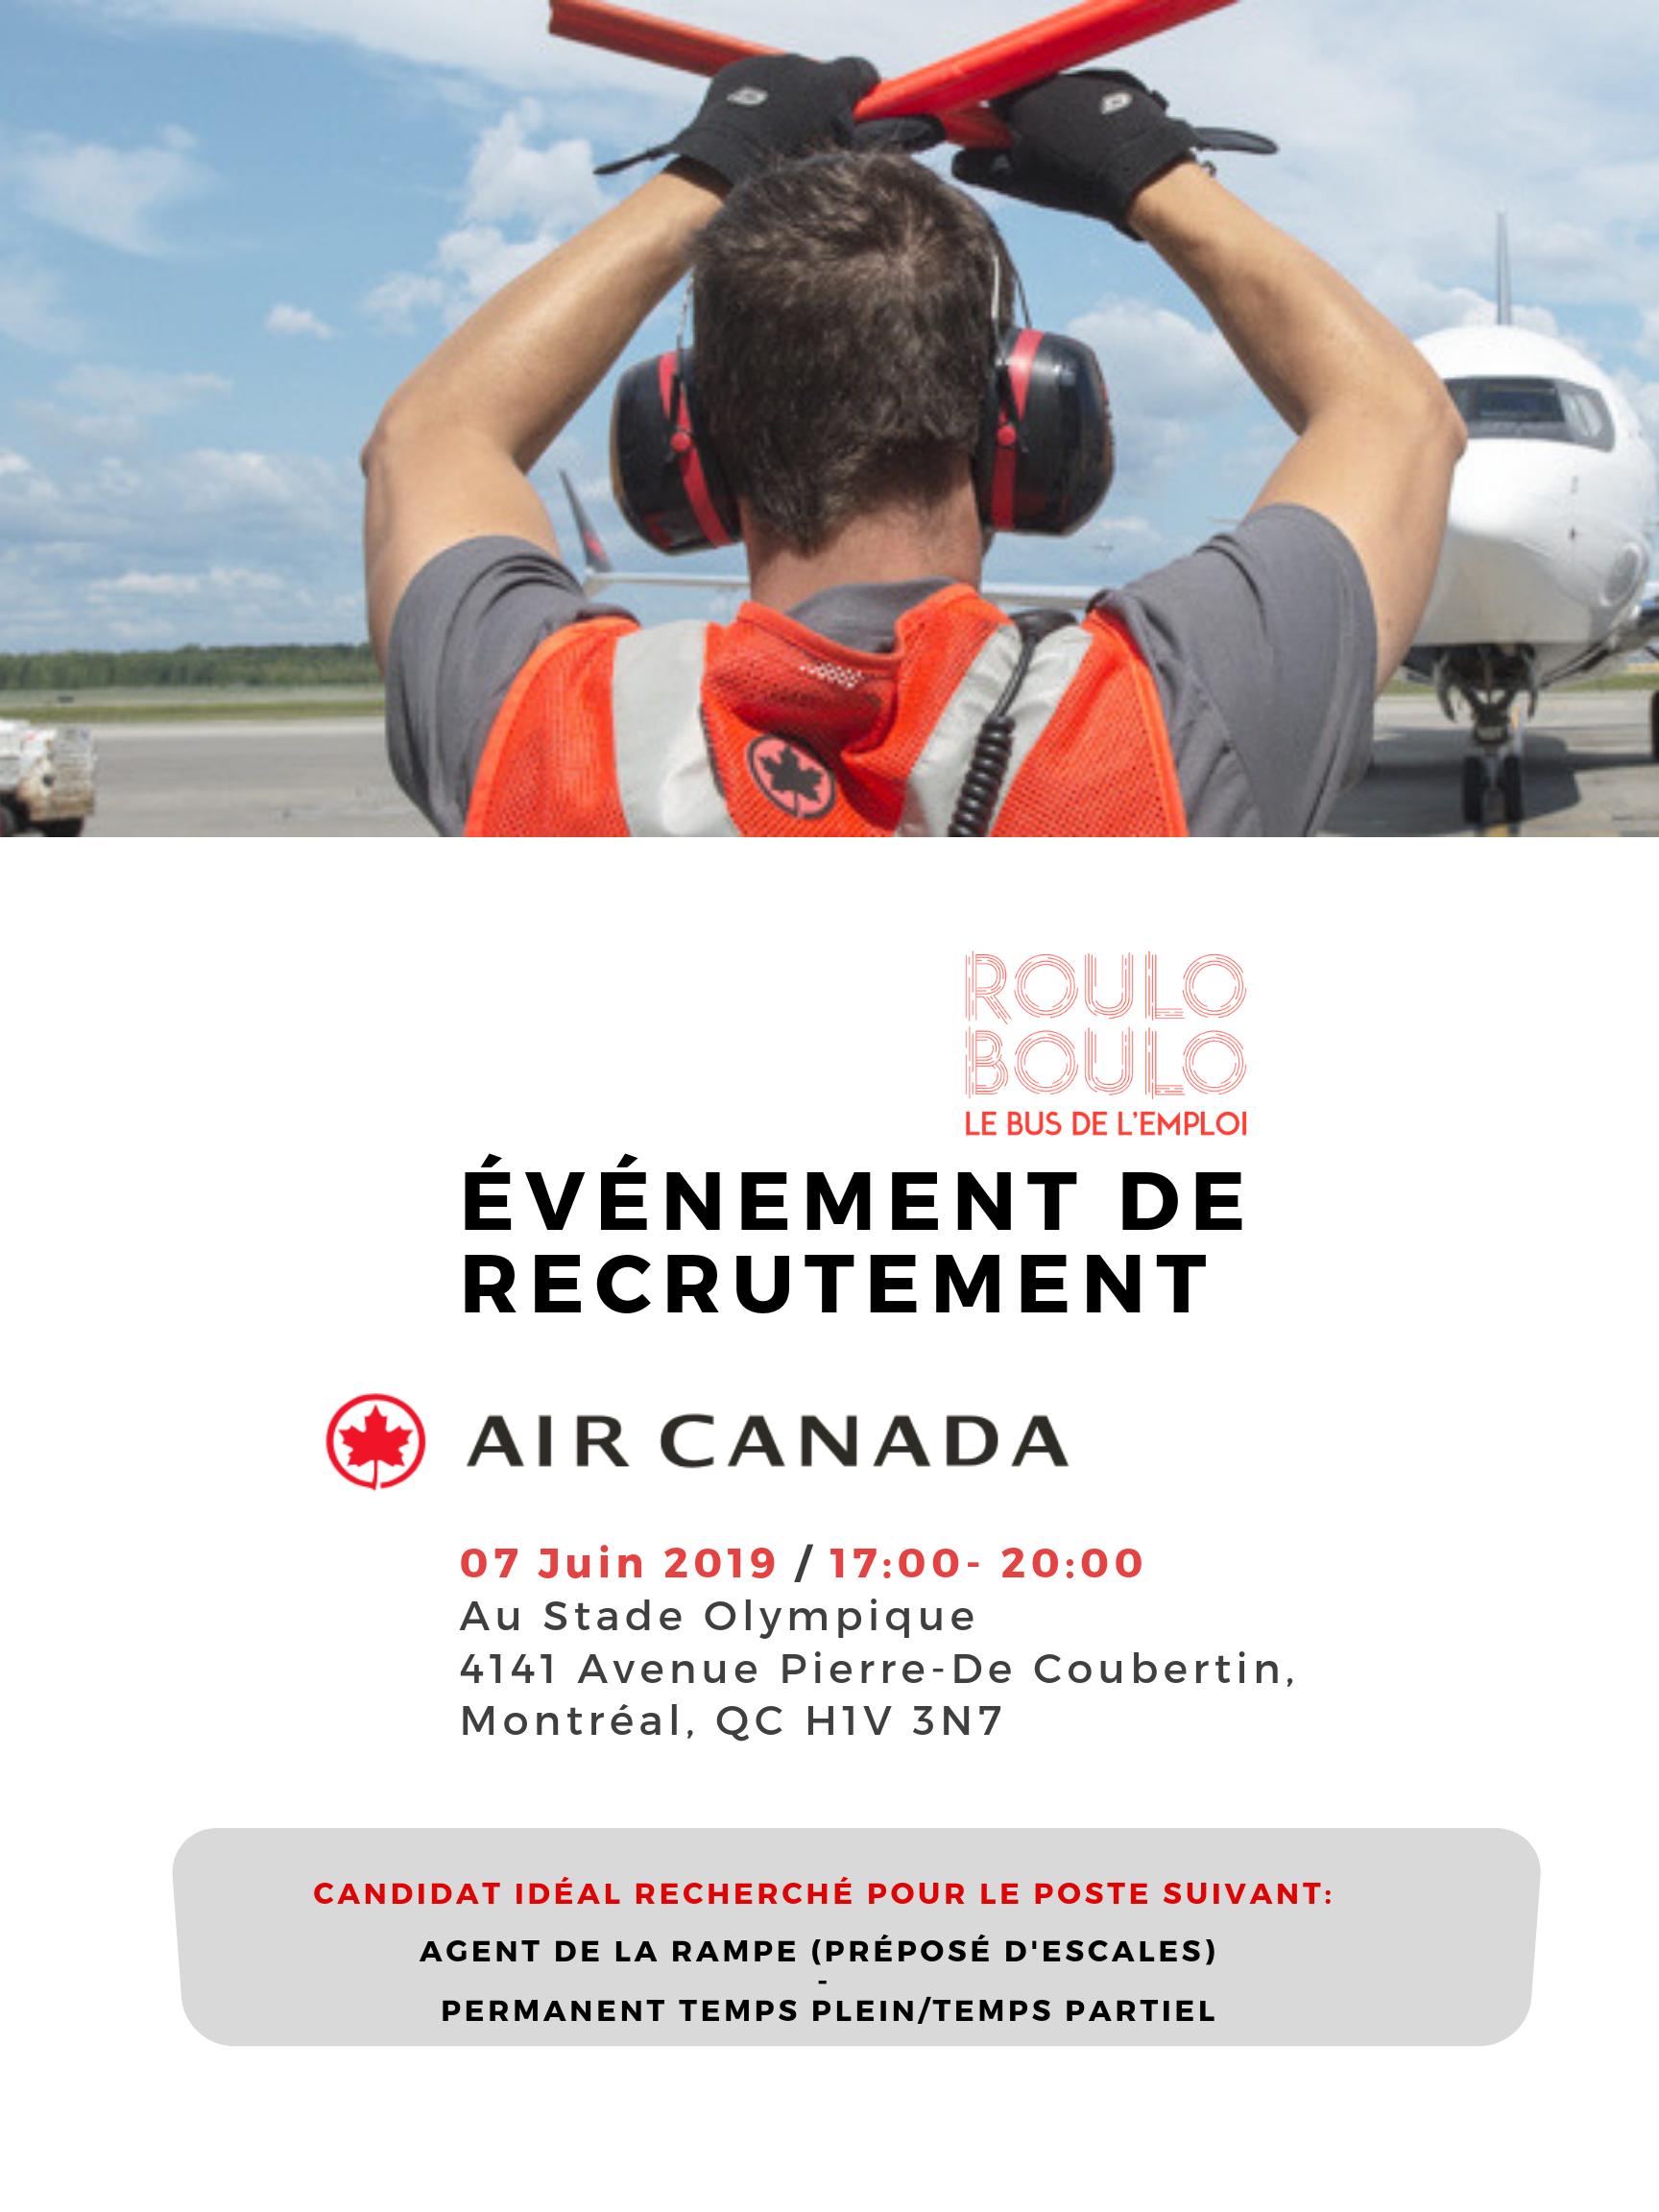 Image ÉVÉNEMENT DE RECRUTEMENT AIR CANADA